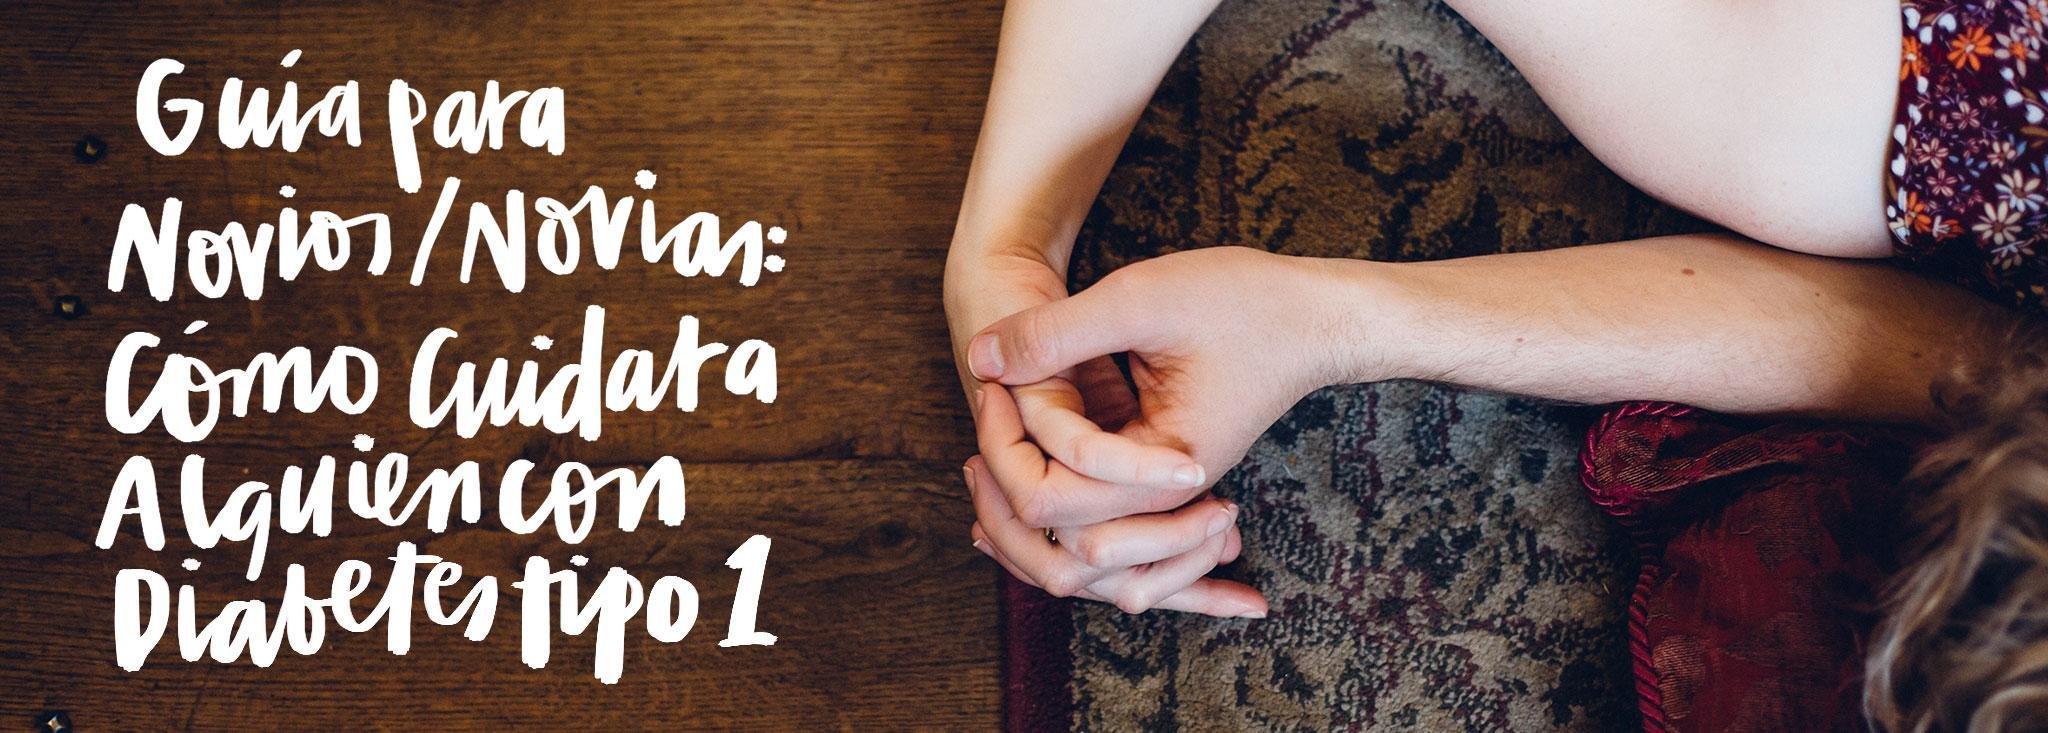 Gua Para Novios/novias: Cmo Cuidar A Alguien Con Diabetes Tipo 1